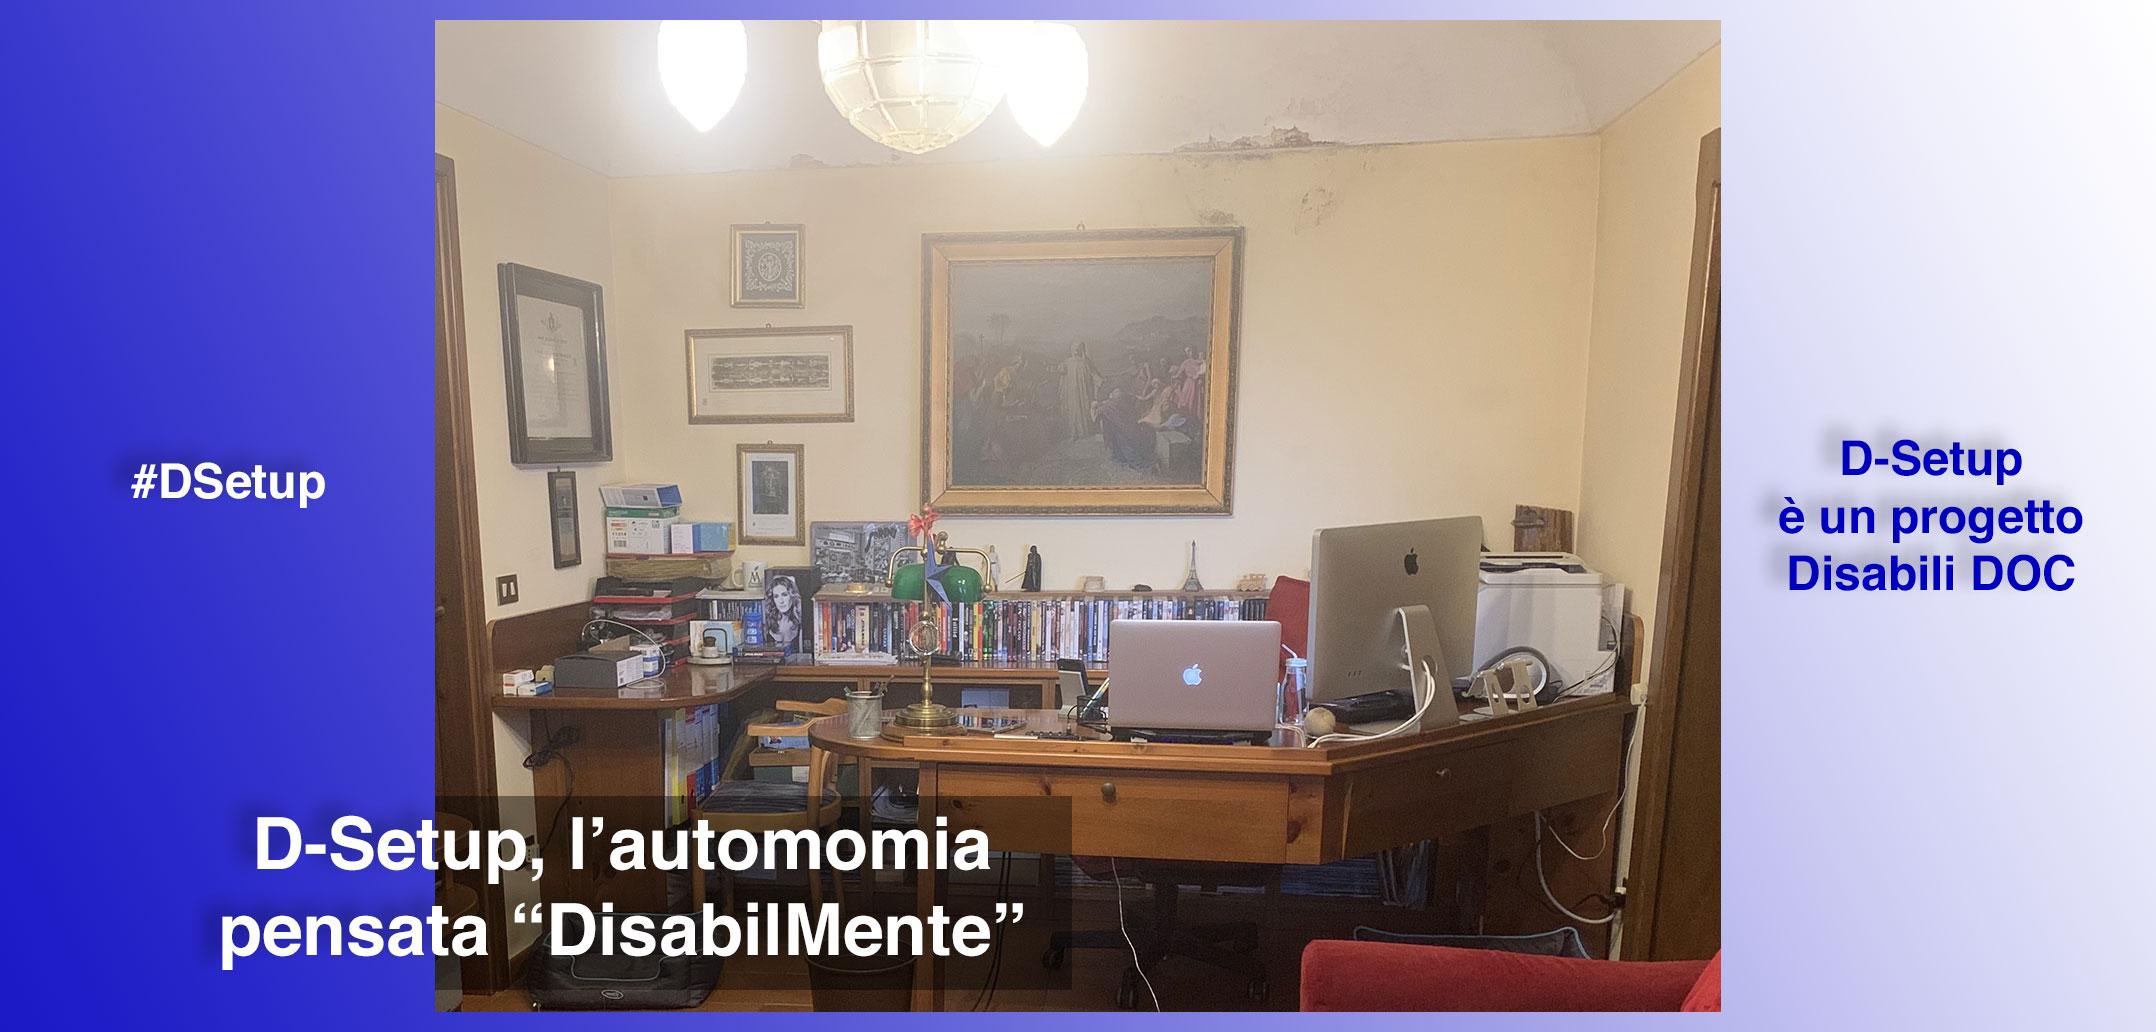 """#DSetup / Parte 1ª / Le origini: alla ricerca dell'autonomia. La scrivania pensata """"DisabilMente"""""""